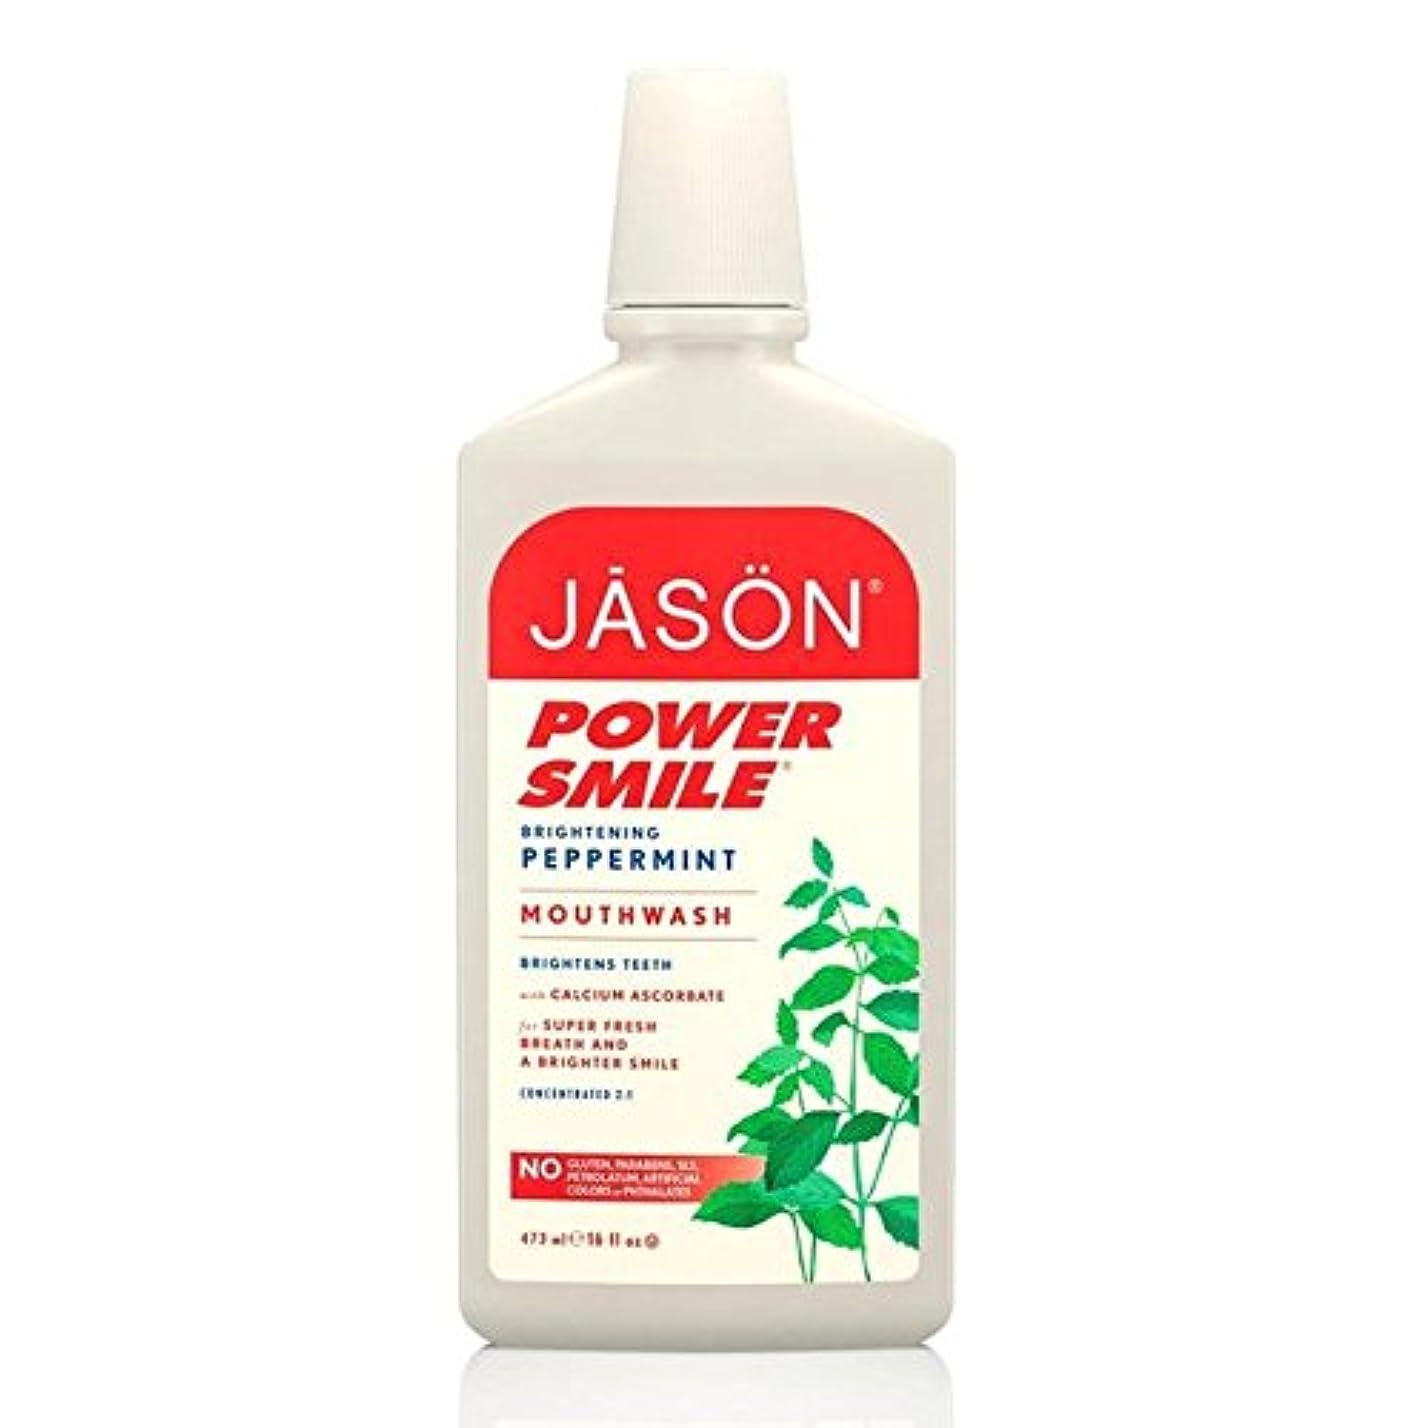 アレルギーパンサー一般的なジェイソンマウスウォッシュ480ミリリットル x4 - Jason Powersmile Mouthwash 480ml (Pack of 4) [並行輸入品]